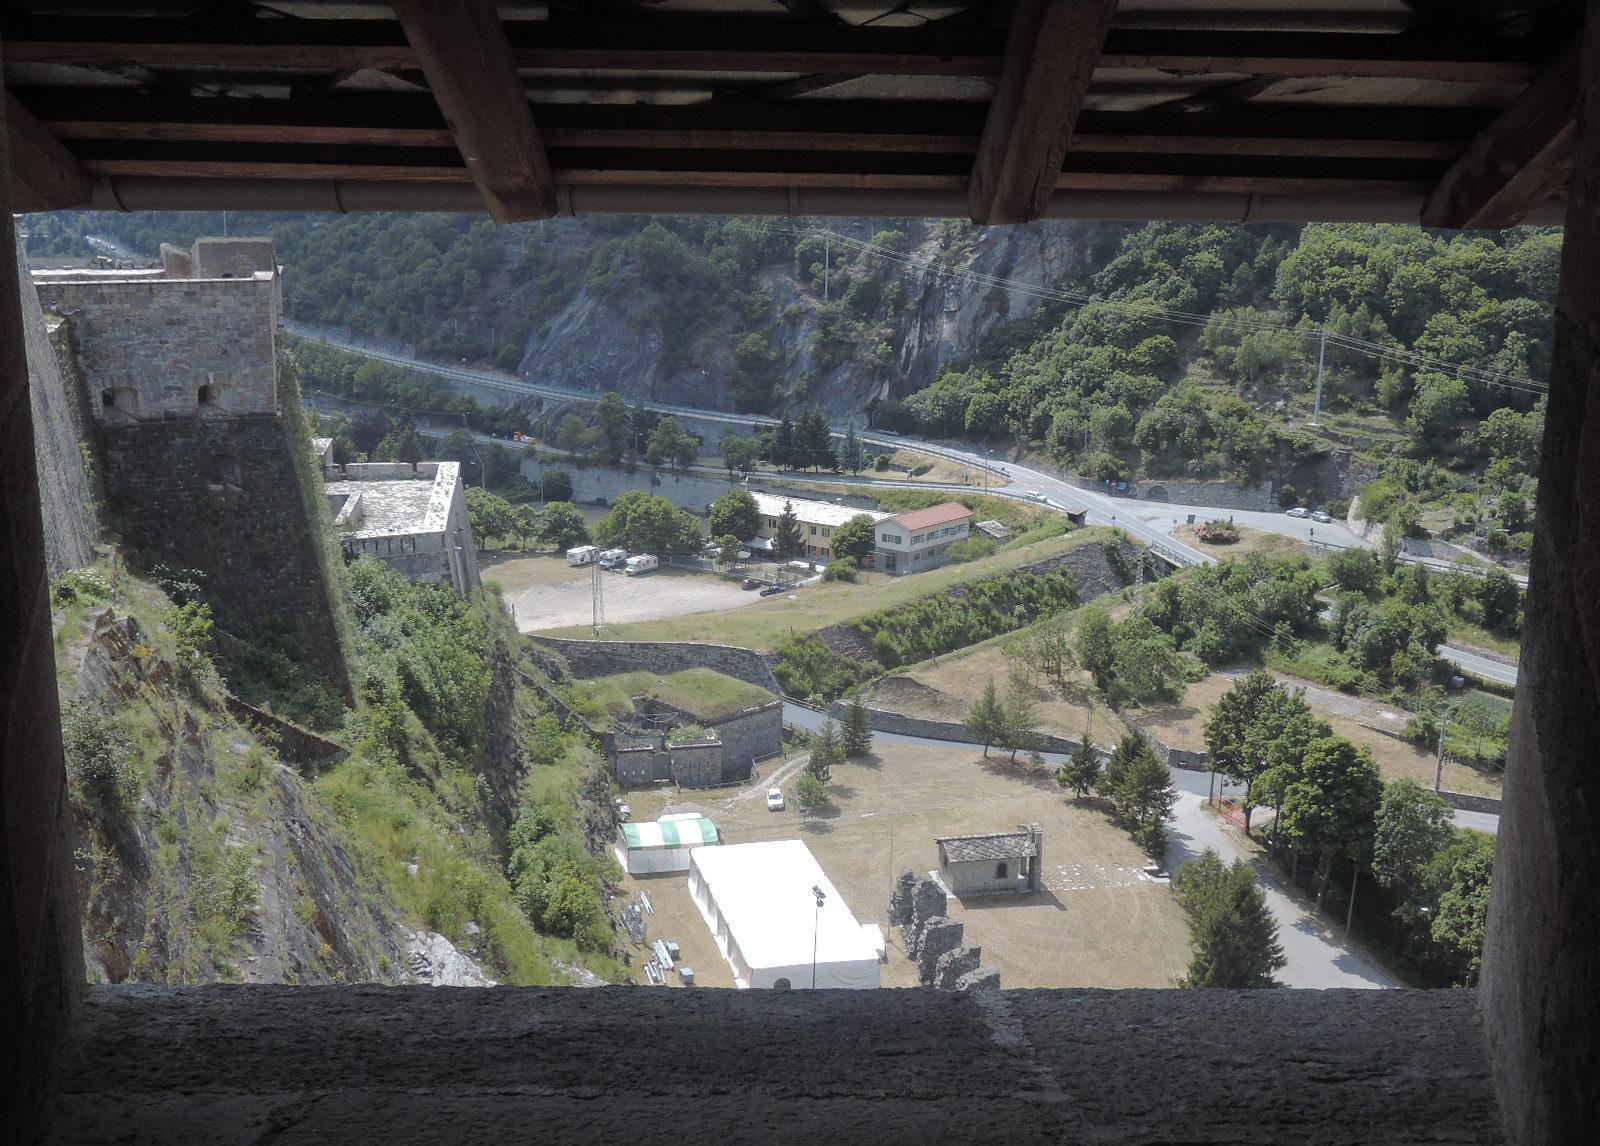 Vista de la explanada desde bajo el techado.